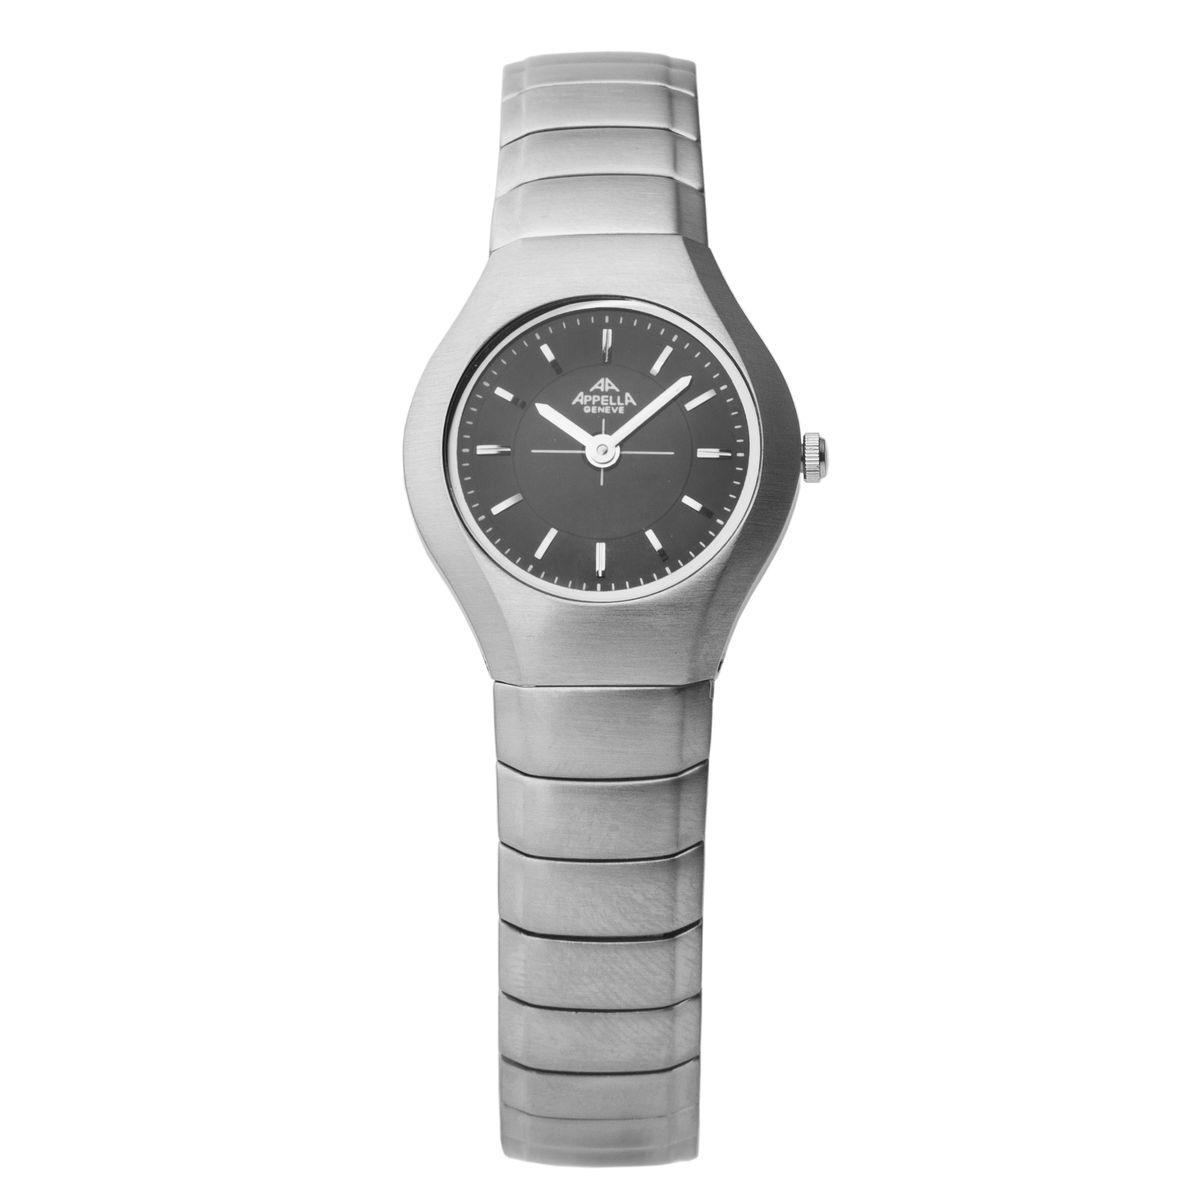 Часы наручные женские Apella, цвет: стальной. A-712-3004A-712-3004Элегантные женские часы Apella выполнены из нержавеющей стали и минерального стекла. Циферблат часов дополнен символикой бренда. Корпус часов оснащен кварцевым механизмом, имеет степень влагозащиты равную 3 atm, а также дополнен устойчивым к царапинам минеральным стеклом. Браслет часов оснащен застежкой-бабочкой, которая позволит с легкостью снимать и надевать изделие. Часы поставляются в фирменной упаковке. Часы Apella подчеркнут изящность женской руки и отменное чувство стиля у их обладательницы.